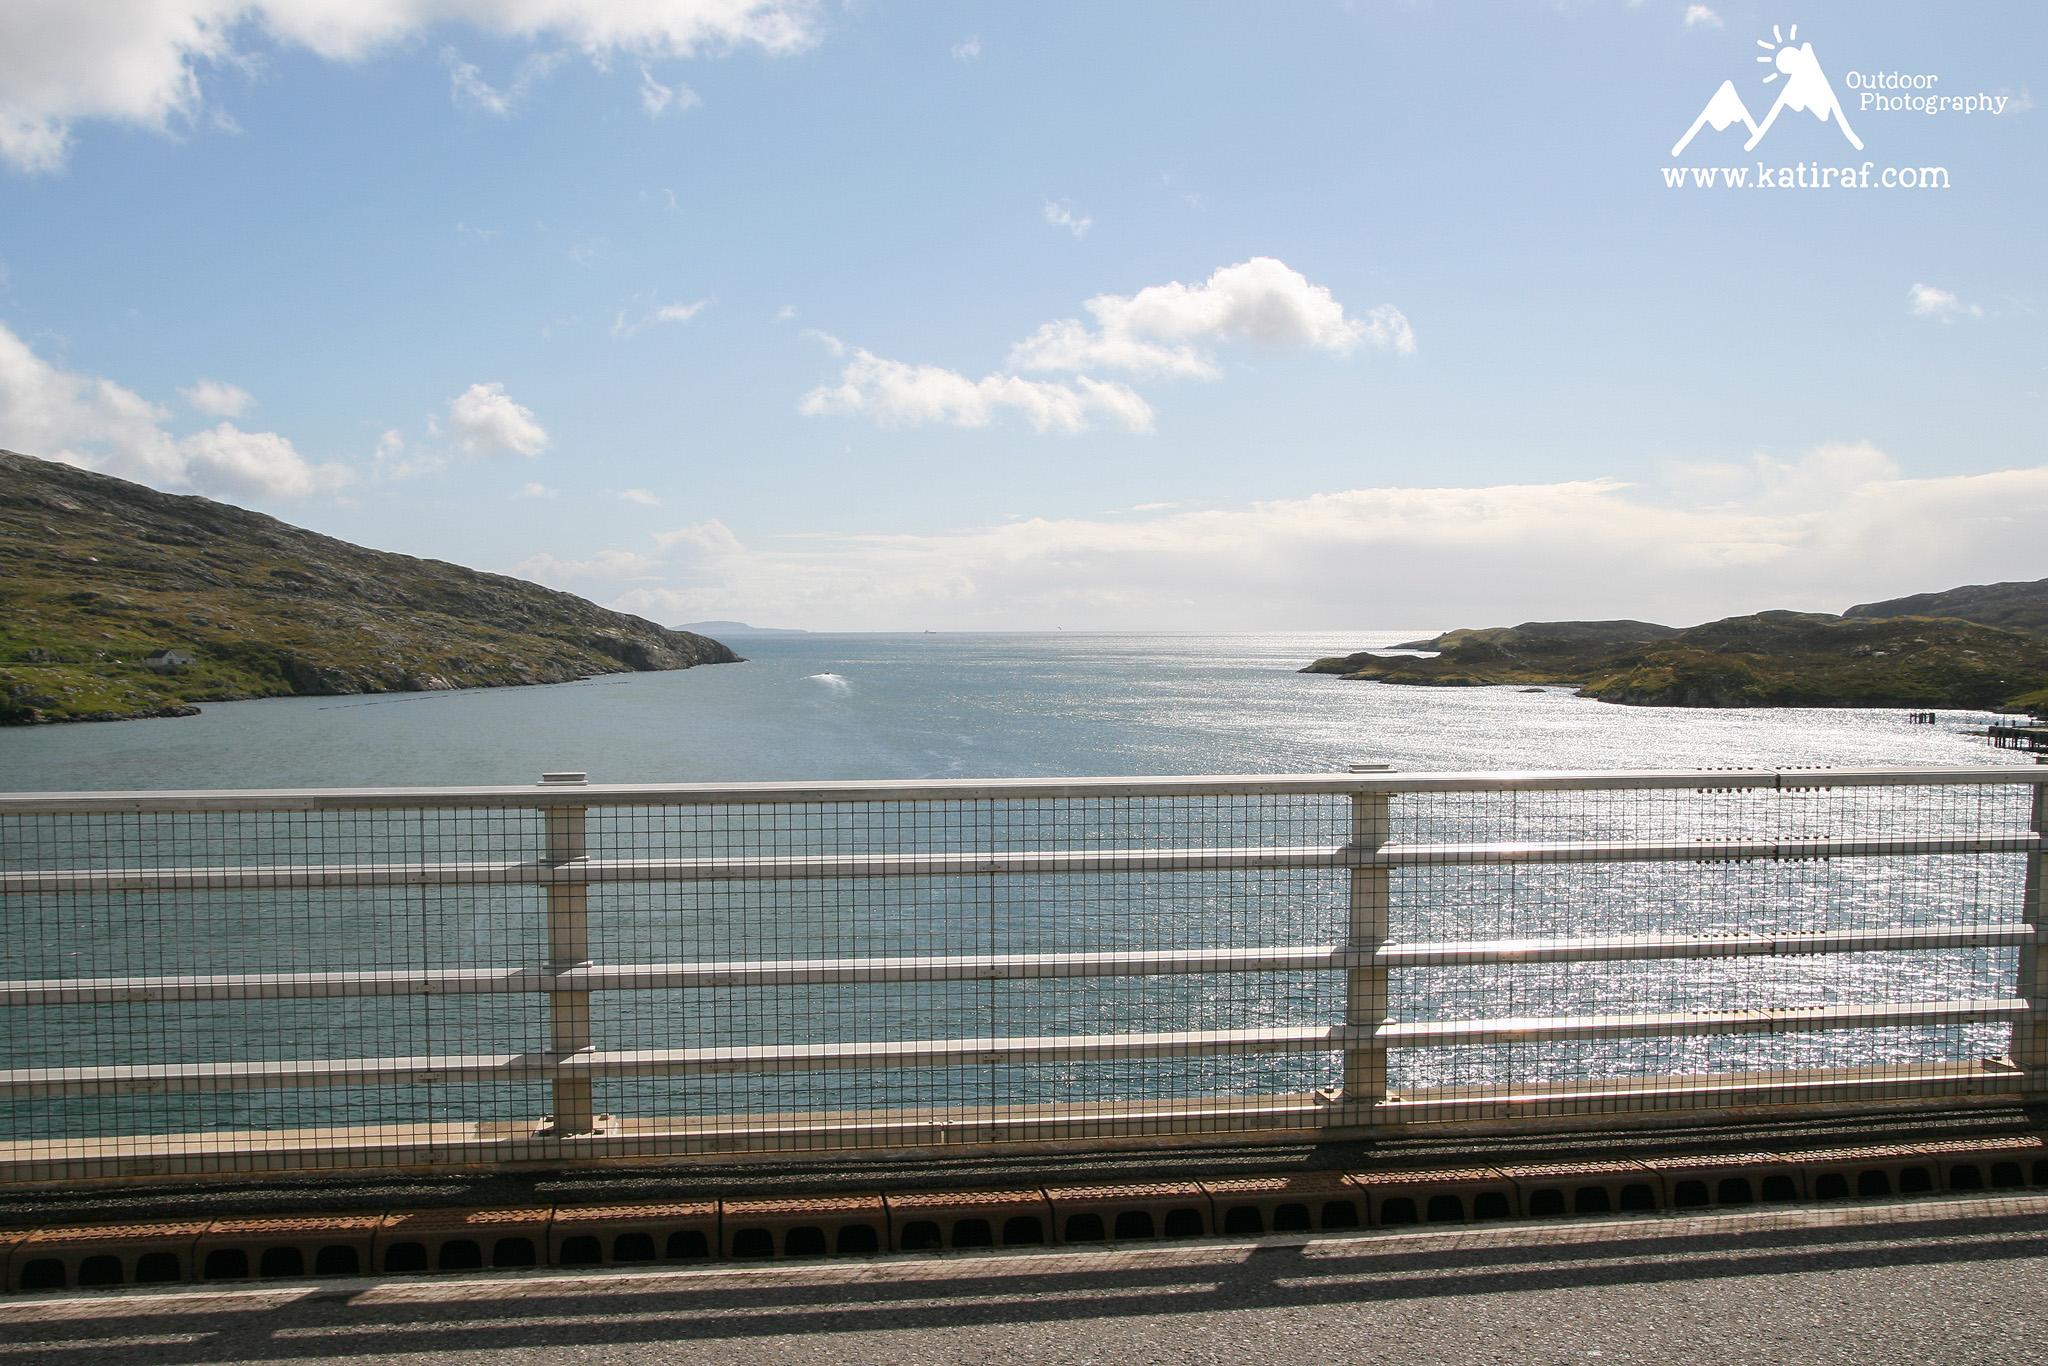 Hebrydy Zewnętrzne, Wyspa Scalpay, Wędrówka do latarni Eilean Glas, Szkocja, www.katiraf.com